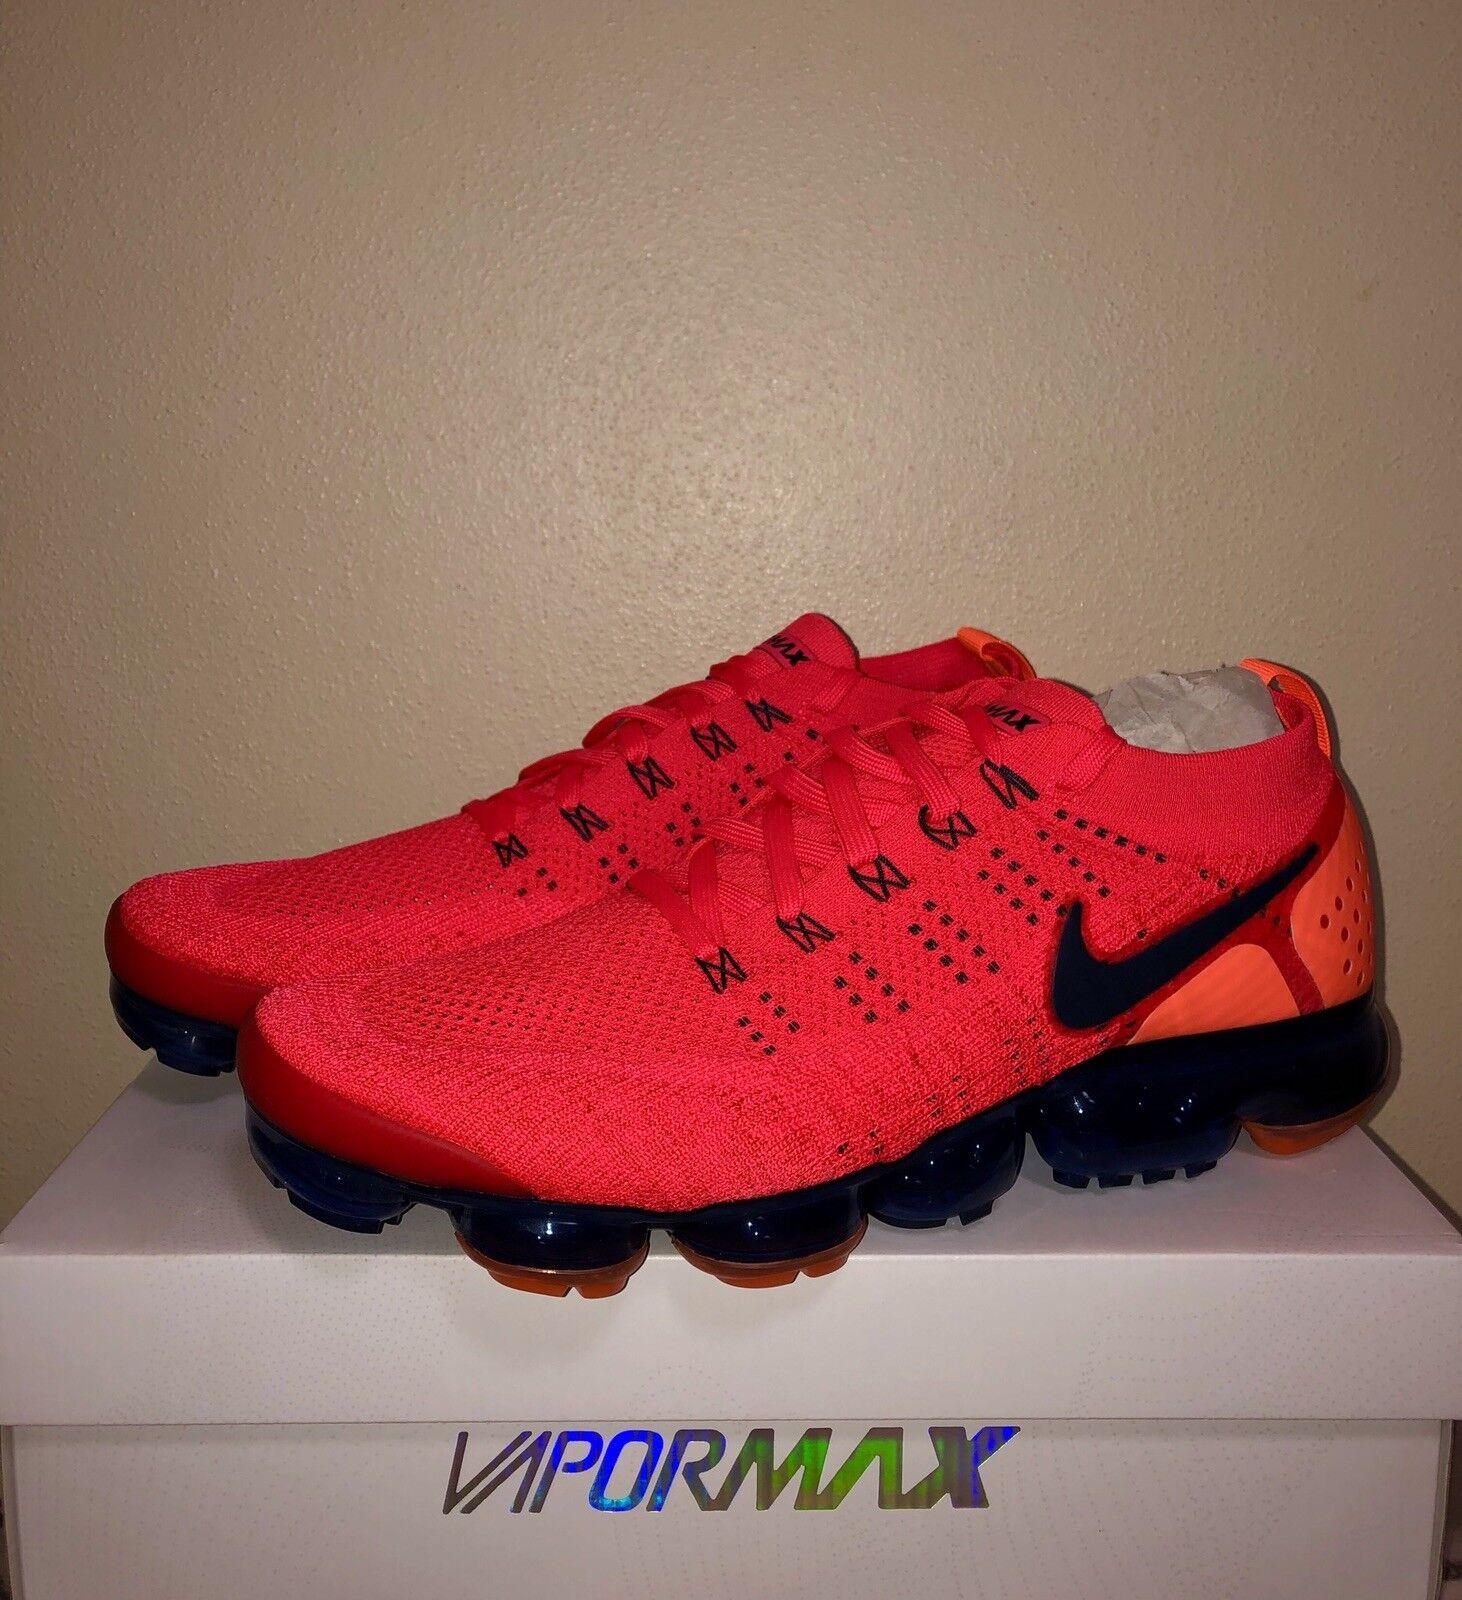 2e0059e9c840 Nike Nike Nike Air Vapormax Flyknit 2 Red Orbit Obsidian AR5406 600 Running  Men 14 390894